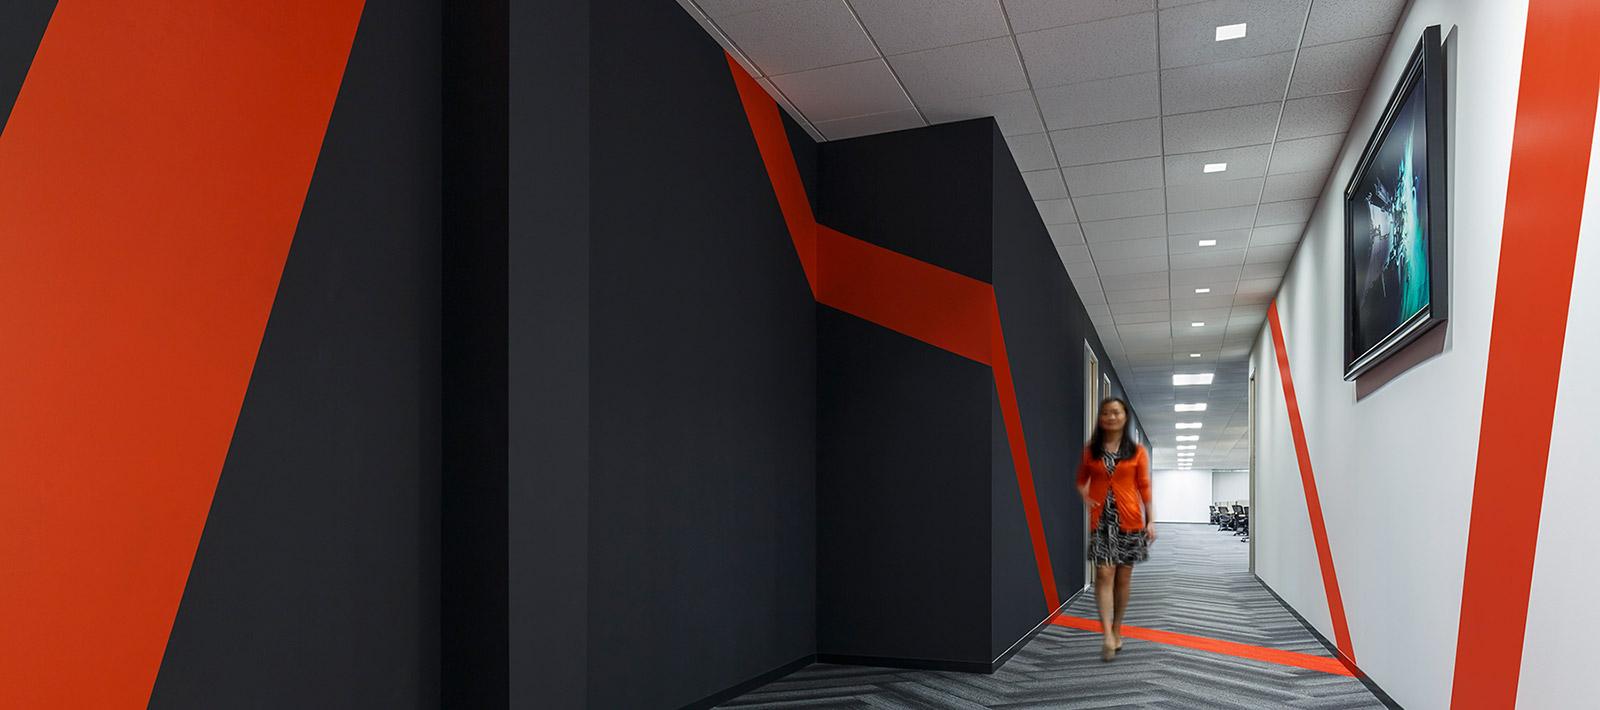 FLC44D_red5studios.jpg